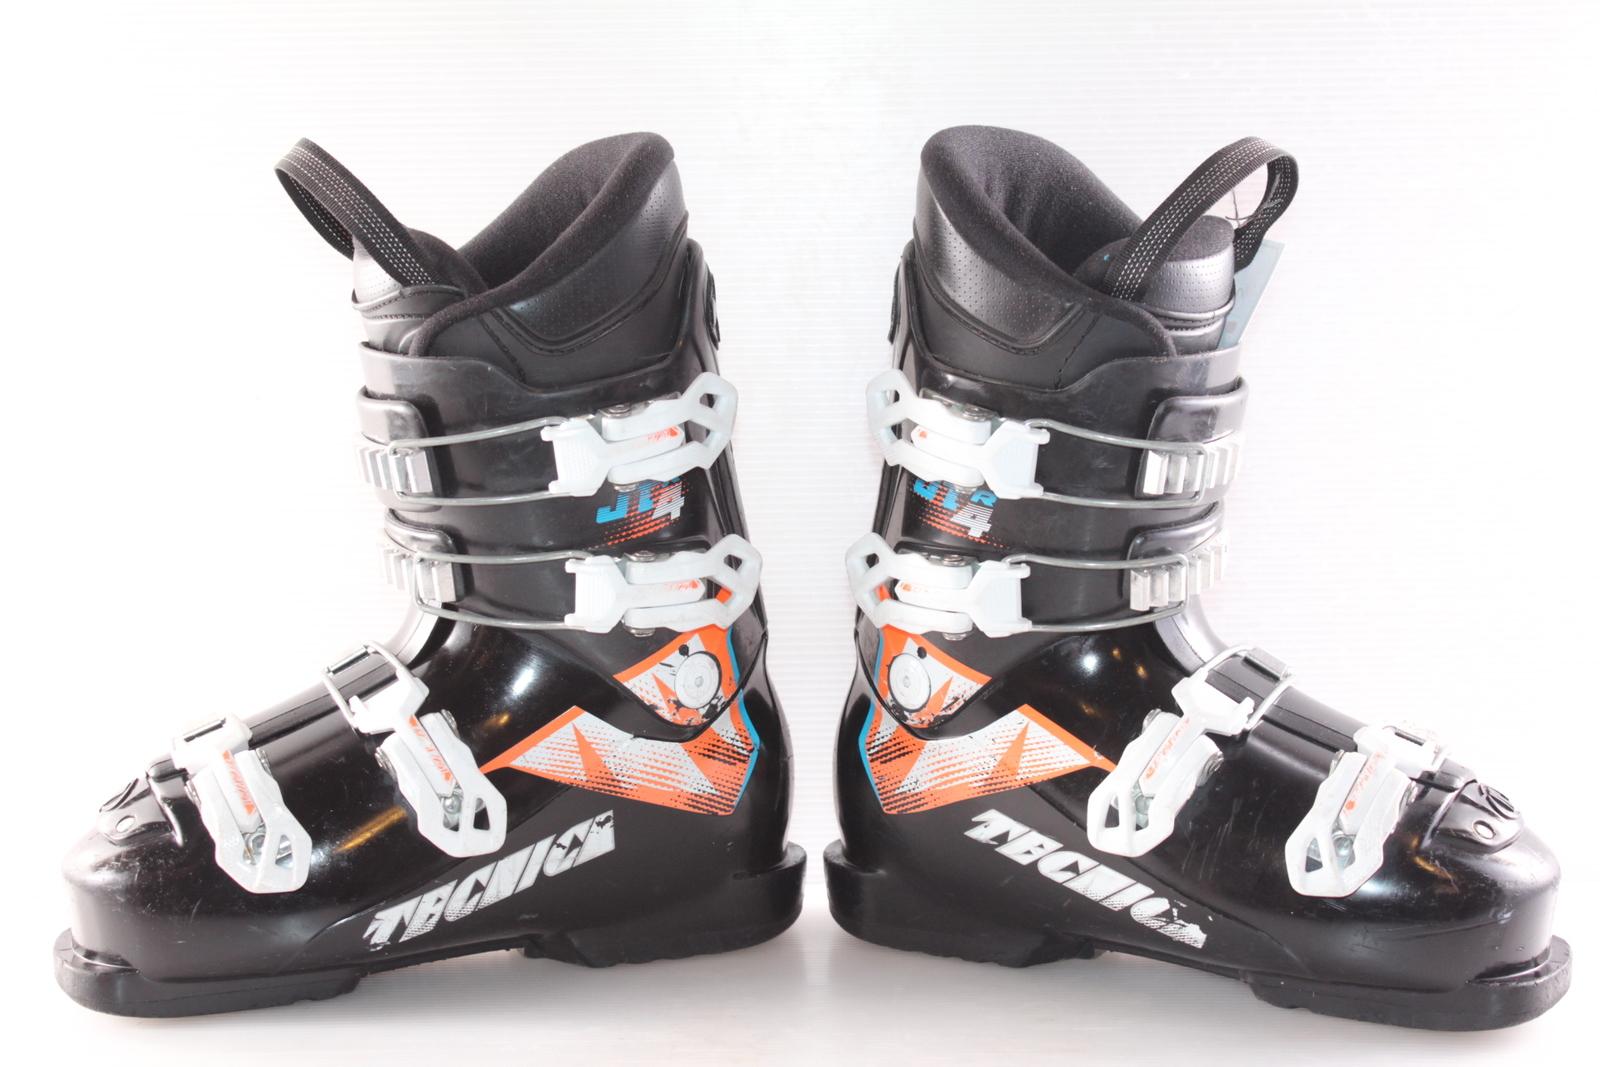 Dětské lyžáky Tecnica JTR 4 vel. EU37